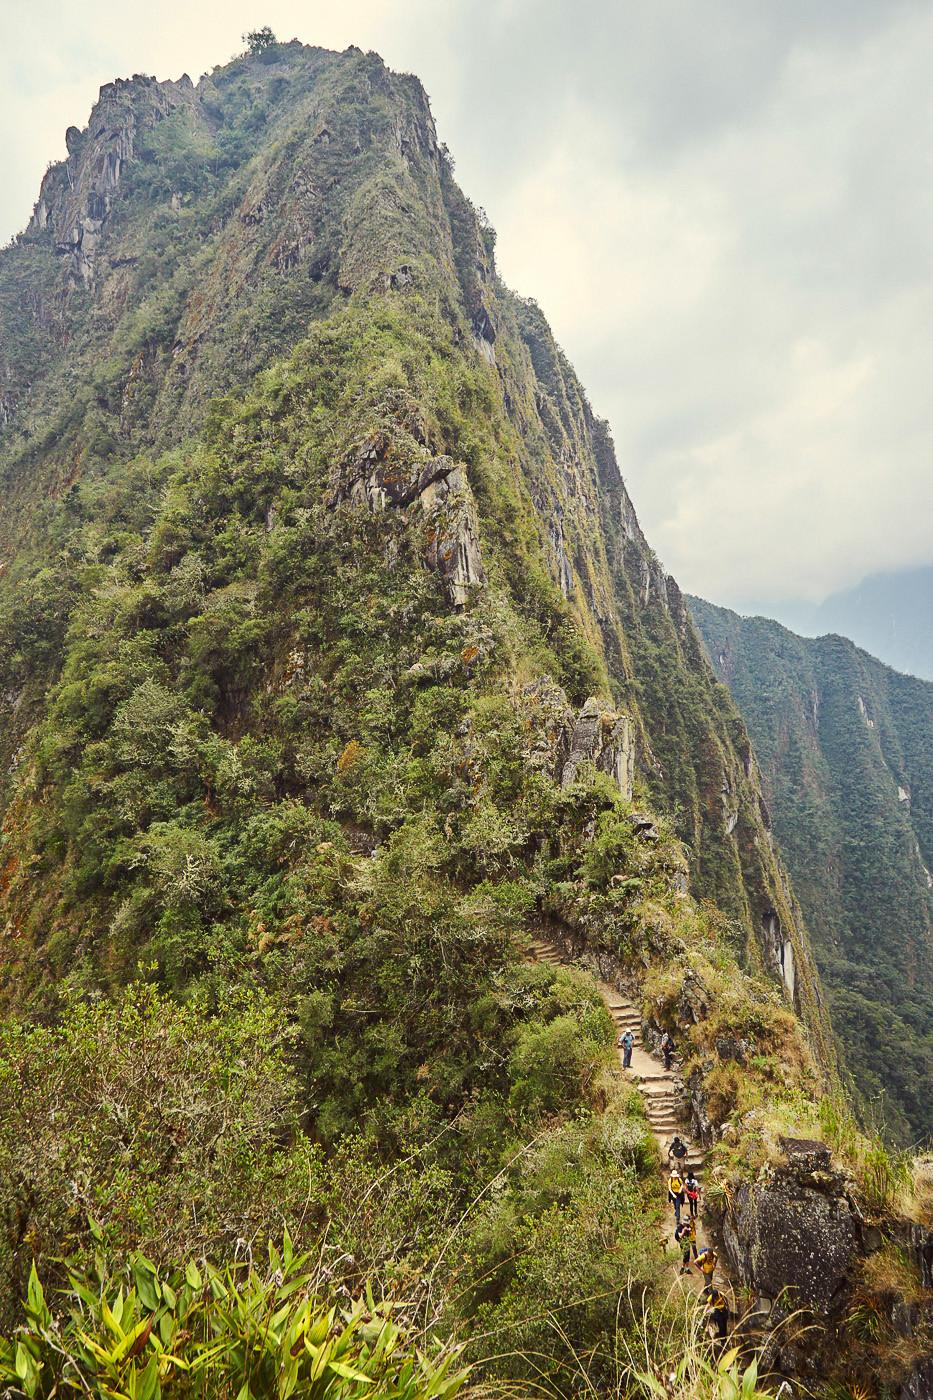 Der Huayna Picchu, schmal führt der Weg in Serpentinen voller Stufen den Berg hinauf. Trotz der Anstrengung werde ich diese Wanderung nie vergessen!